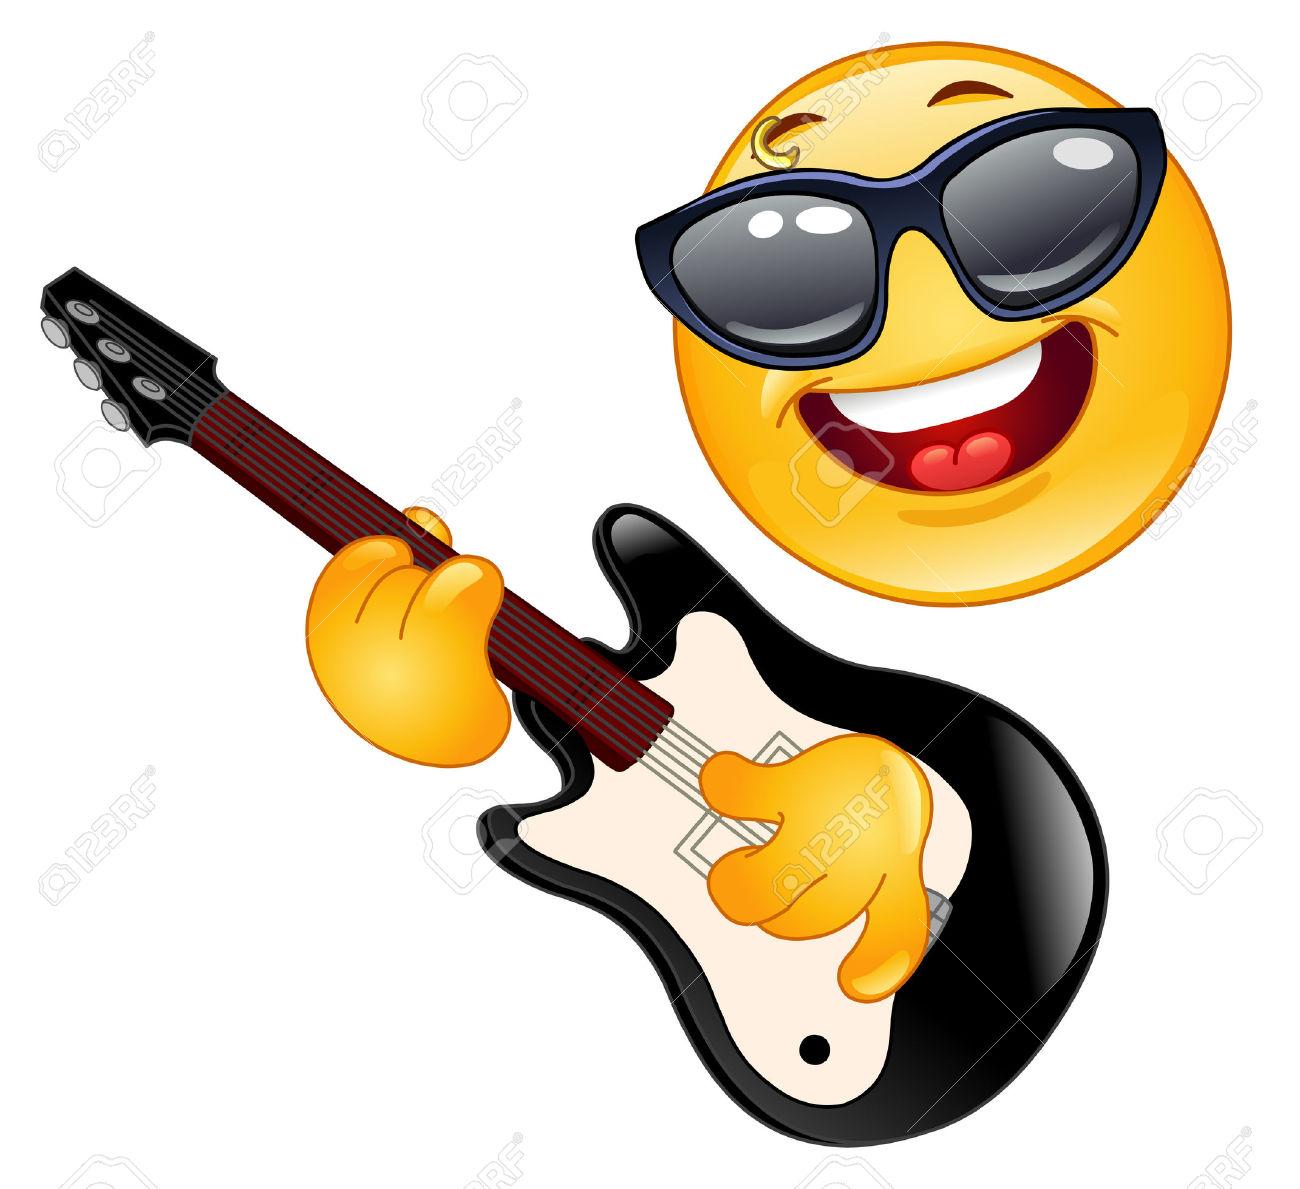 Rock star emoji clipart.